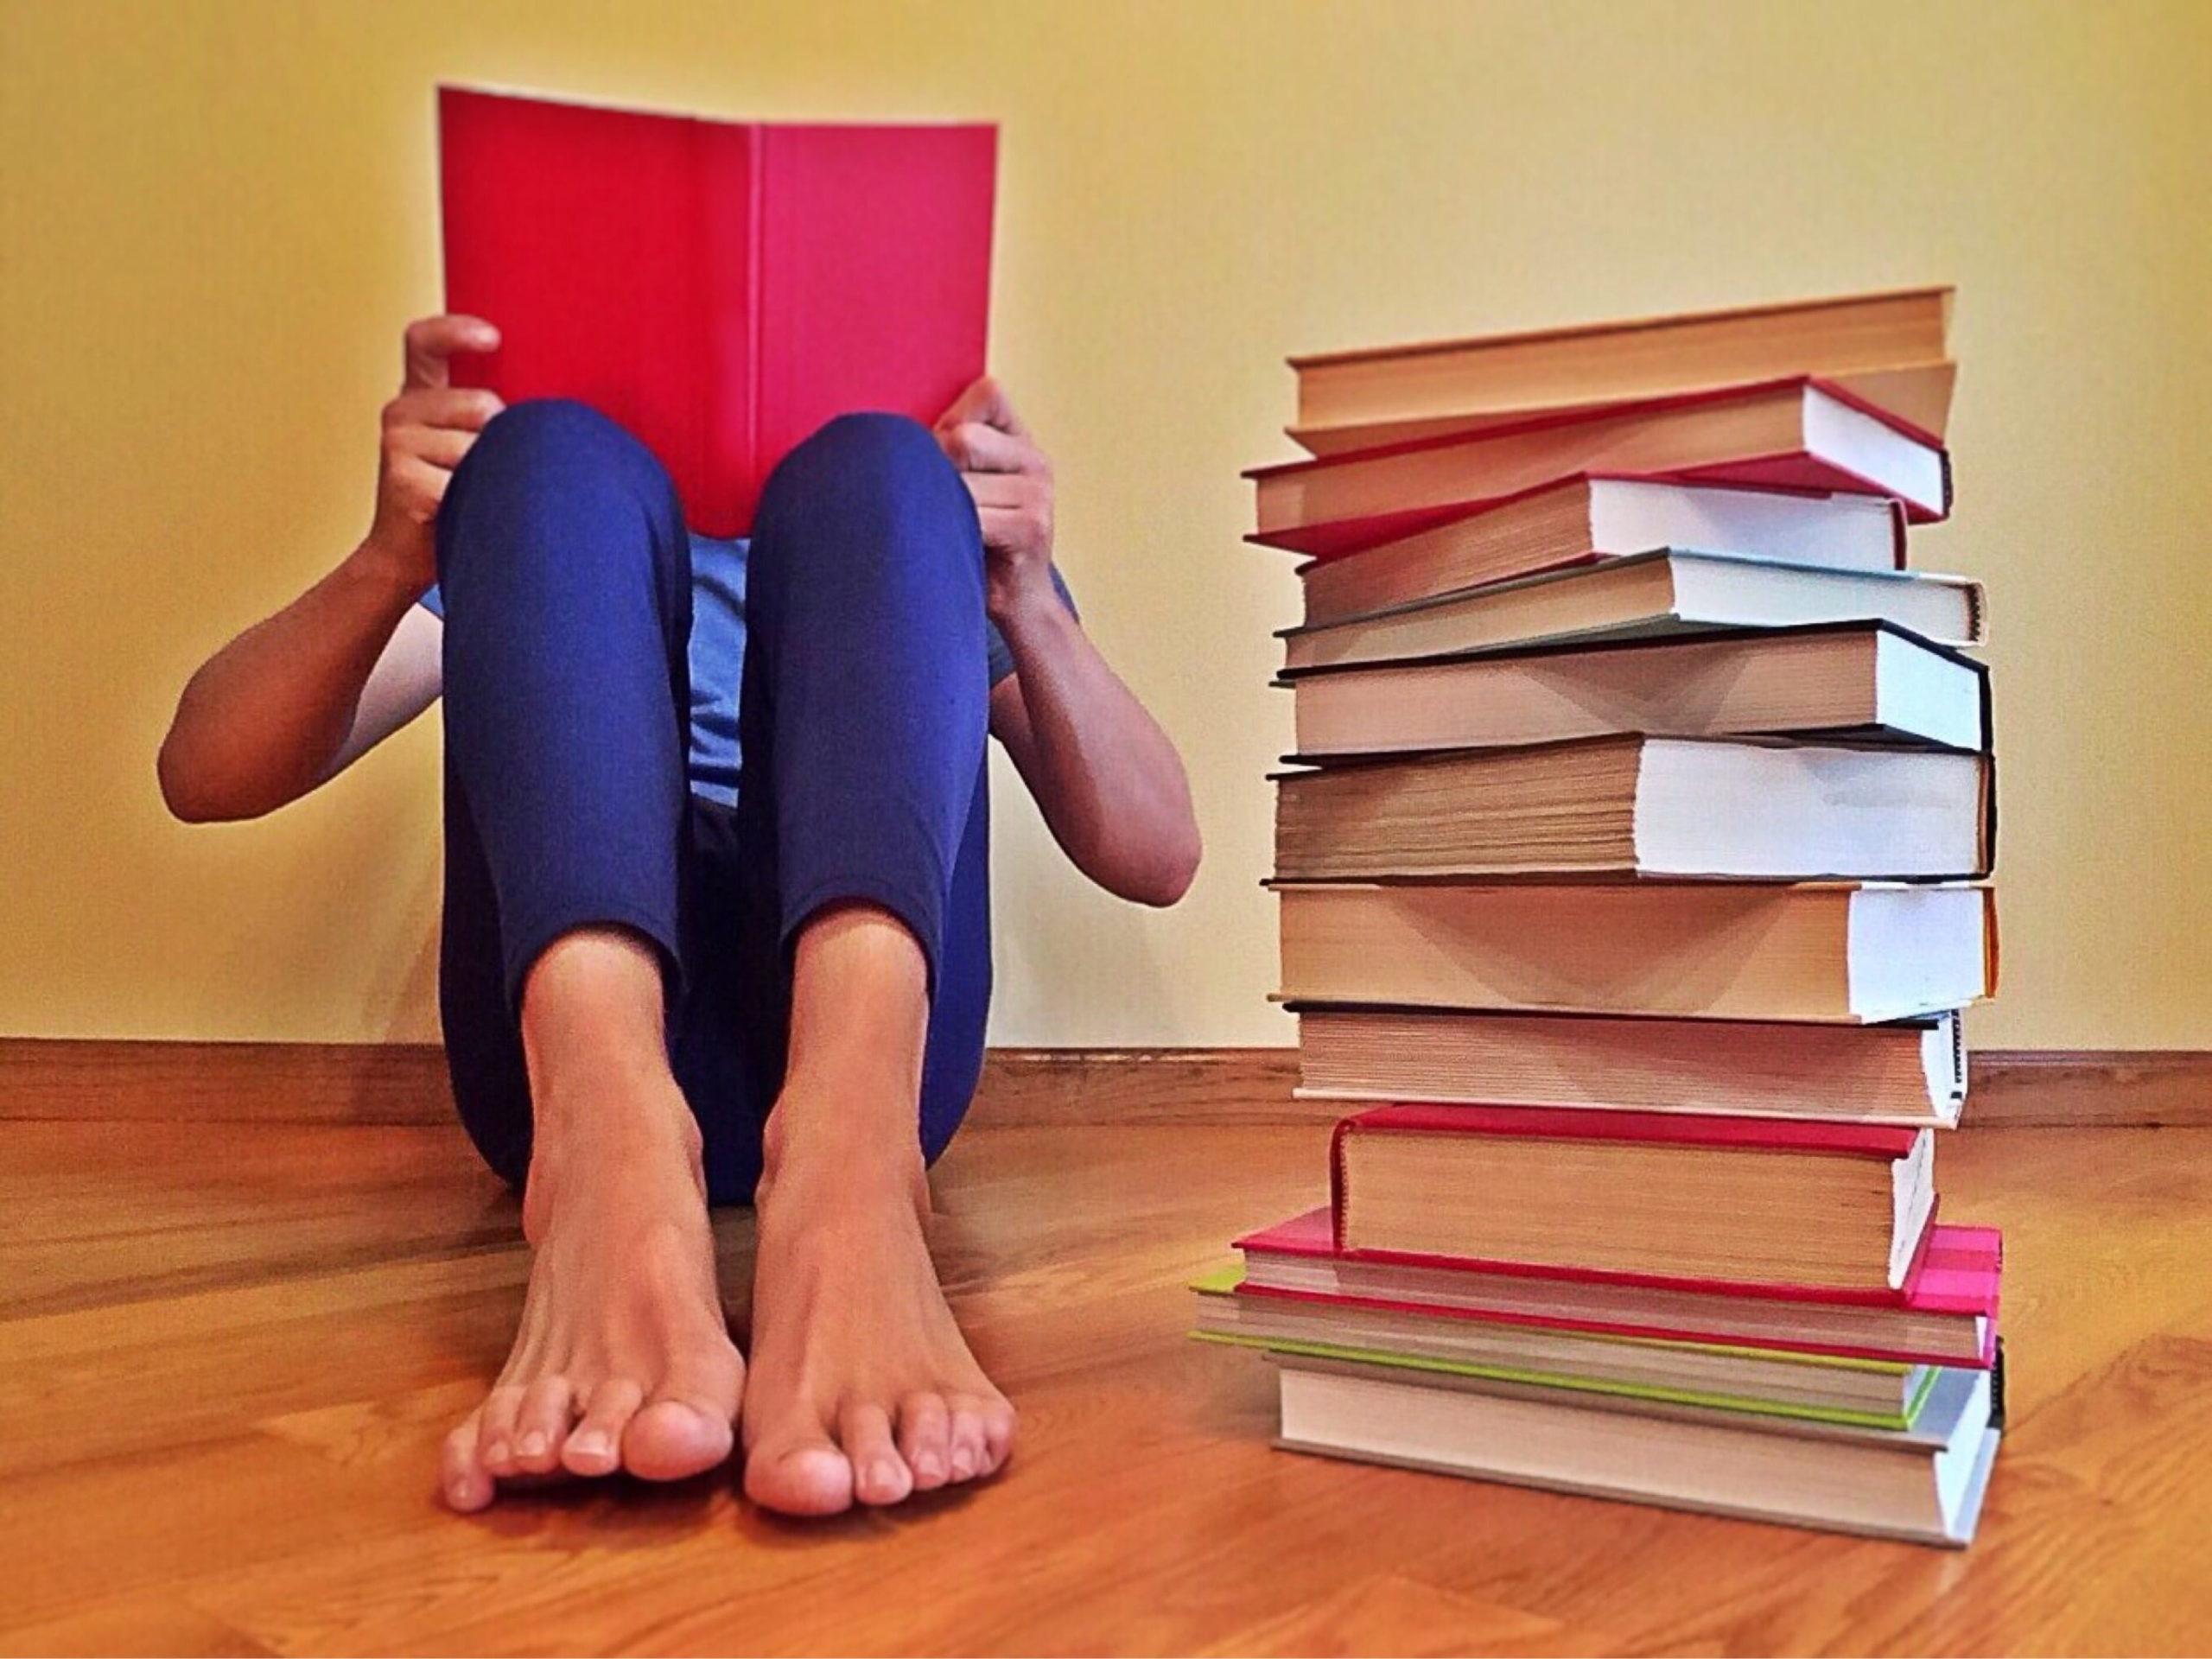 Criança lendo sentada no chão, ao lado de uma pilha de livros. Imagem ilustrativa texto cheiro de livro.